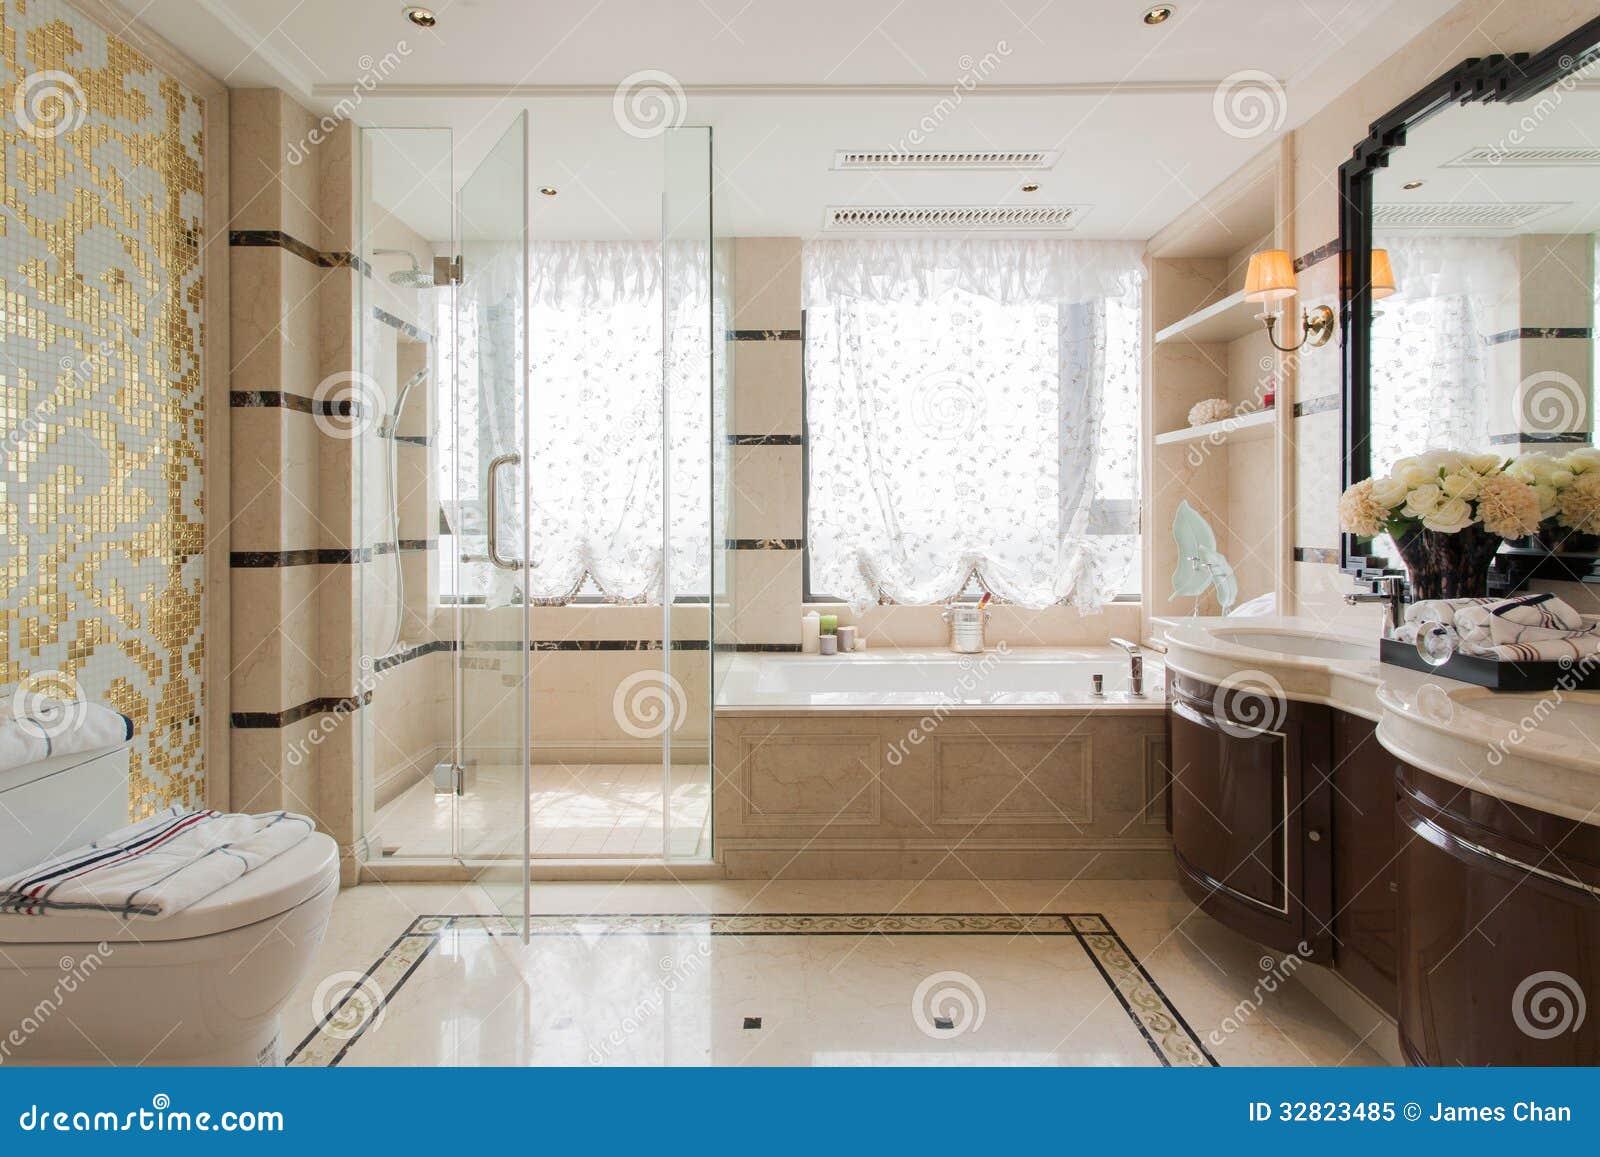 salle de bains moderne image stock image du architecture 32823485. Black Bedroom Furniture Sets. Home Design Ideas